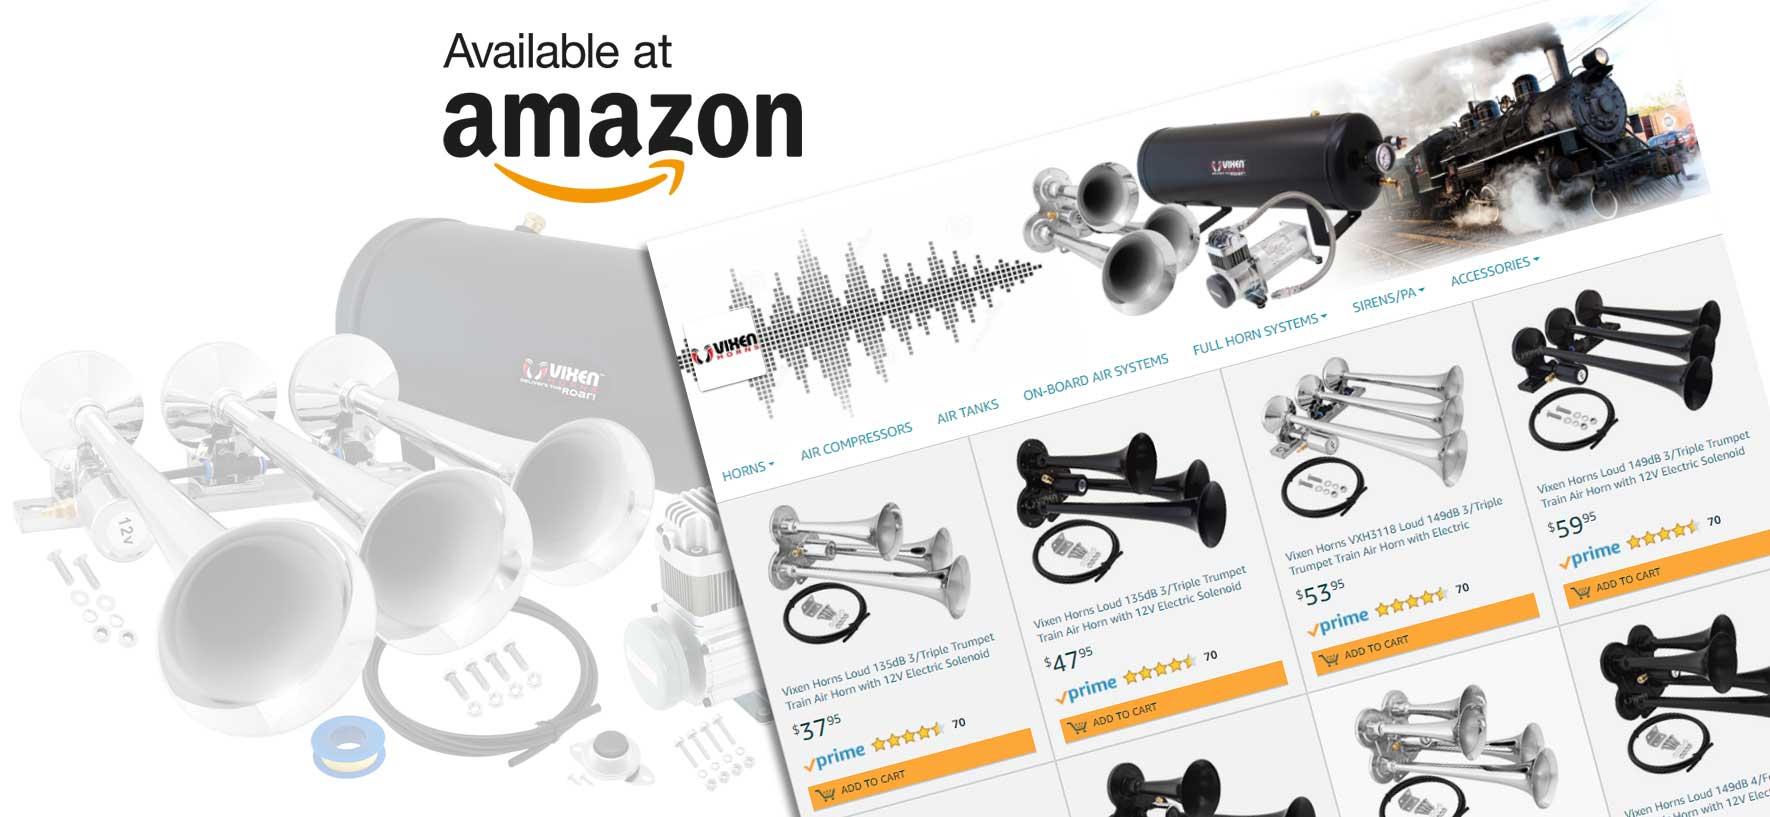 Vixen Horns Amazon Store Launched